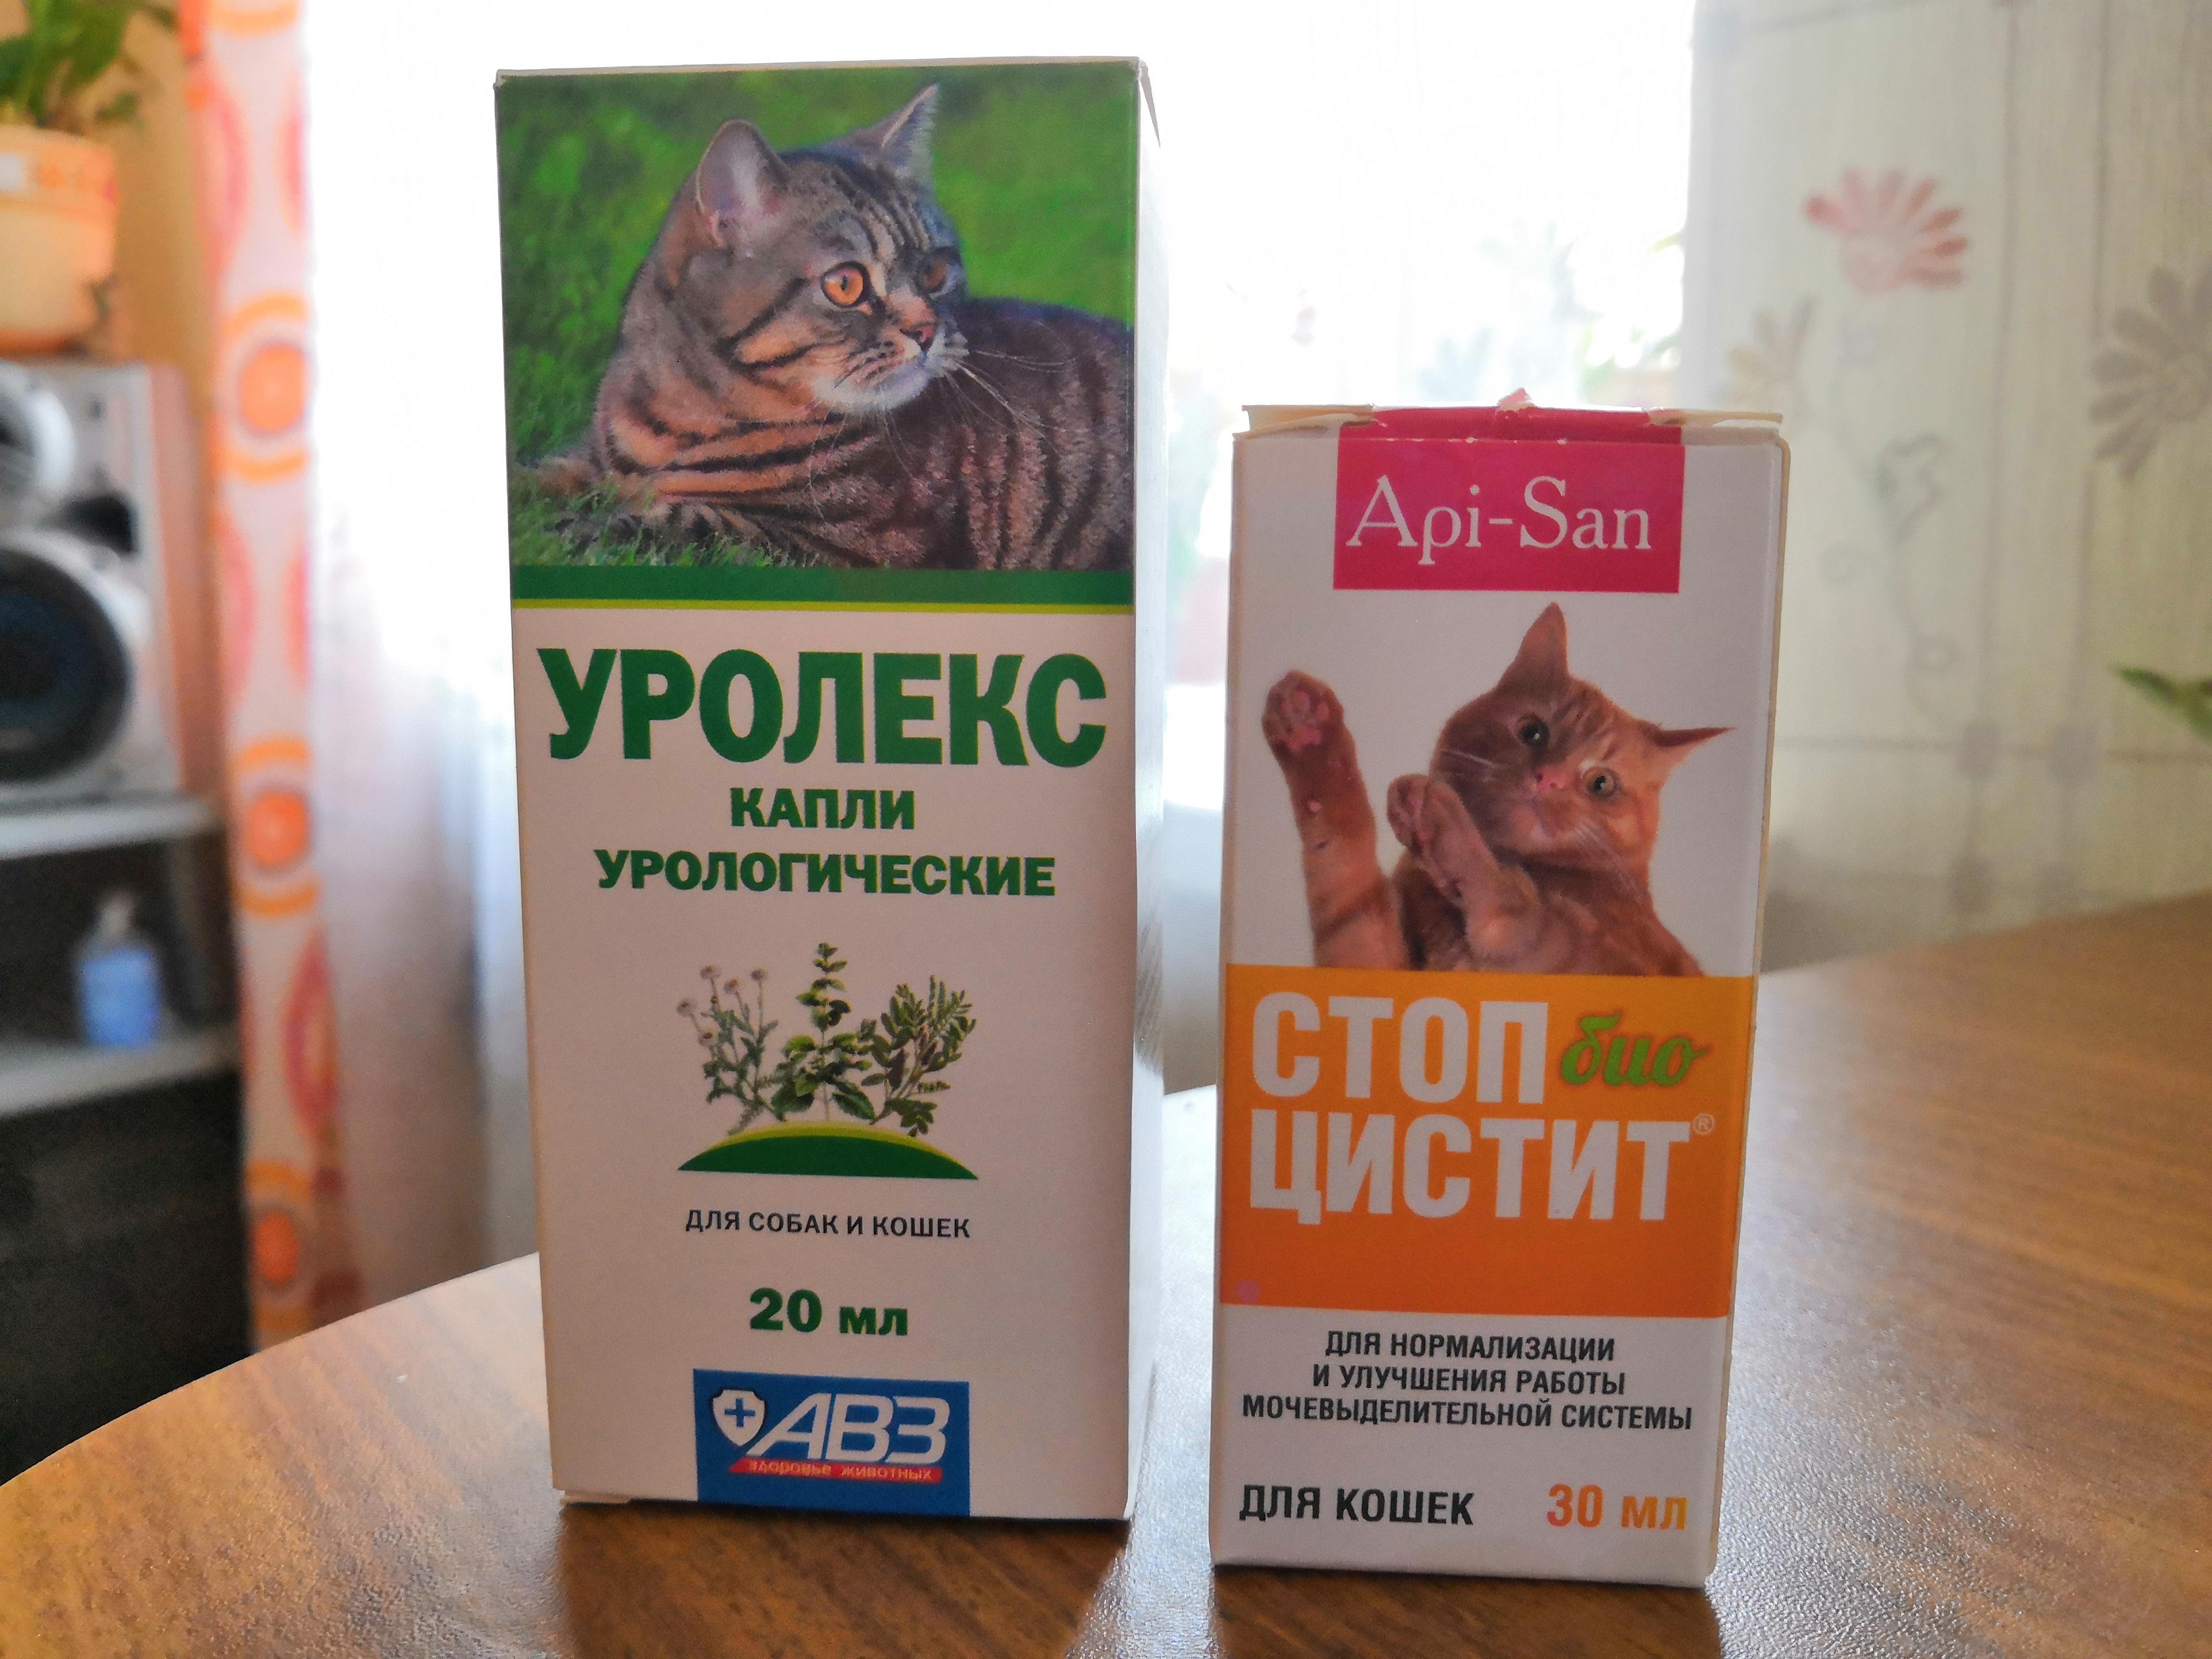 Цистит у кота: симптомы и лечение в домашних условиях